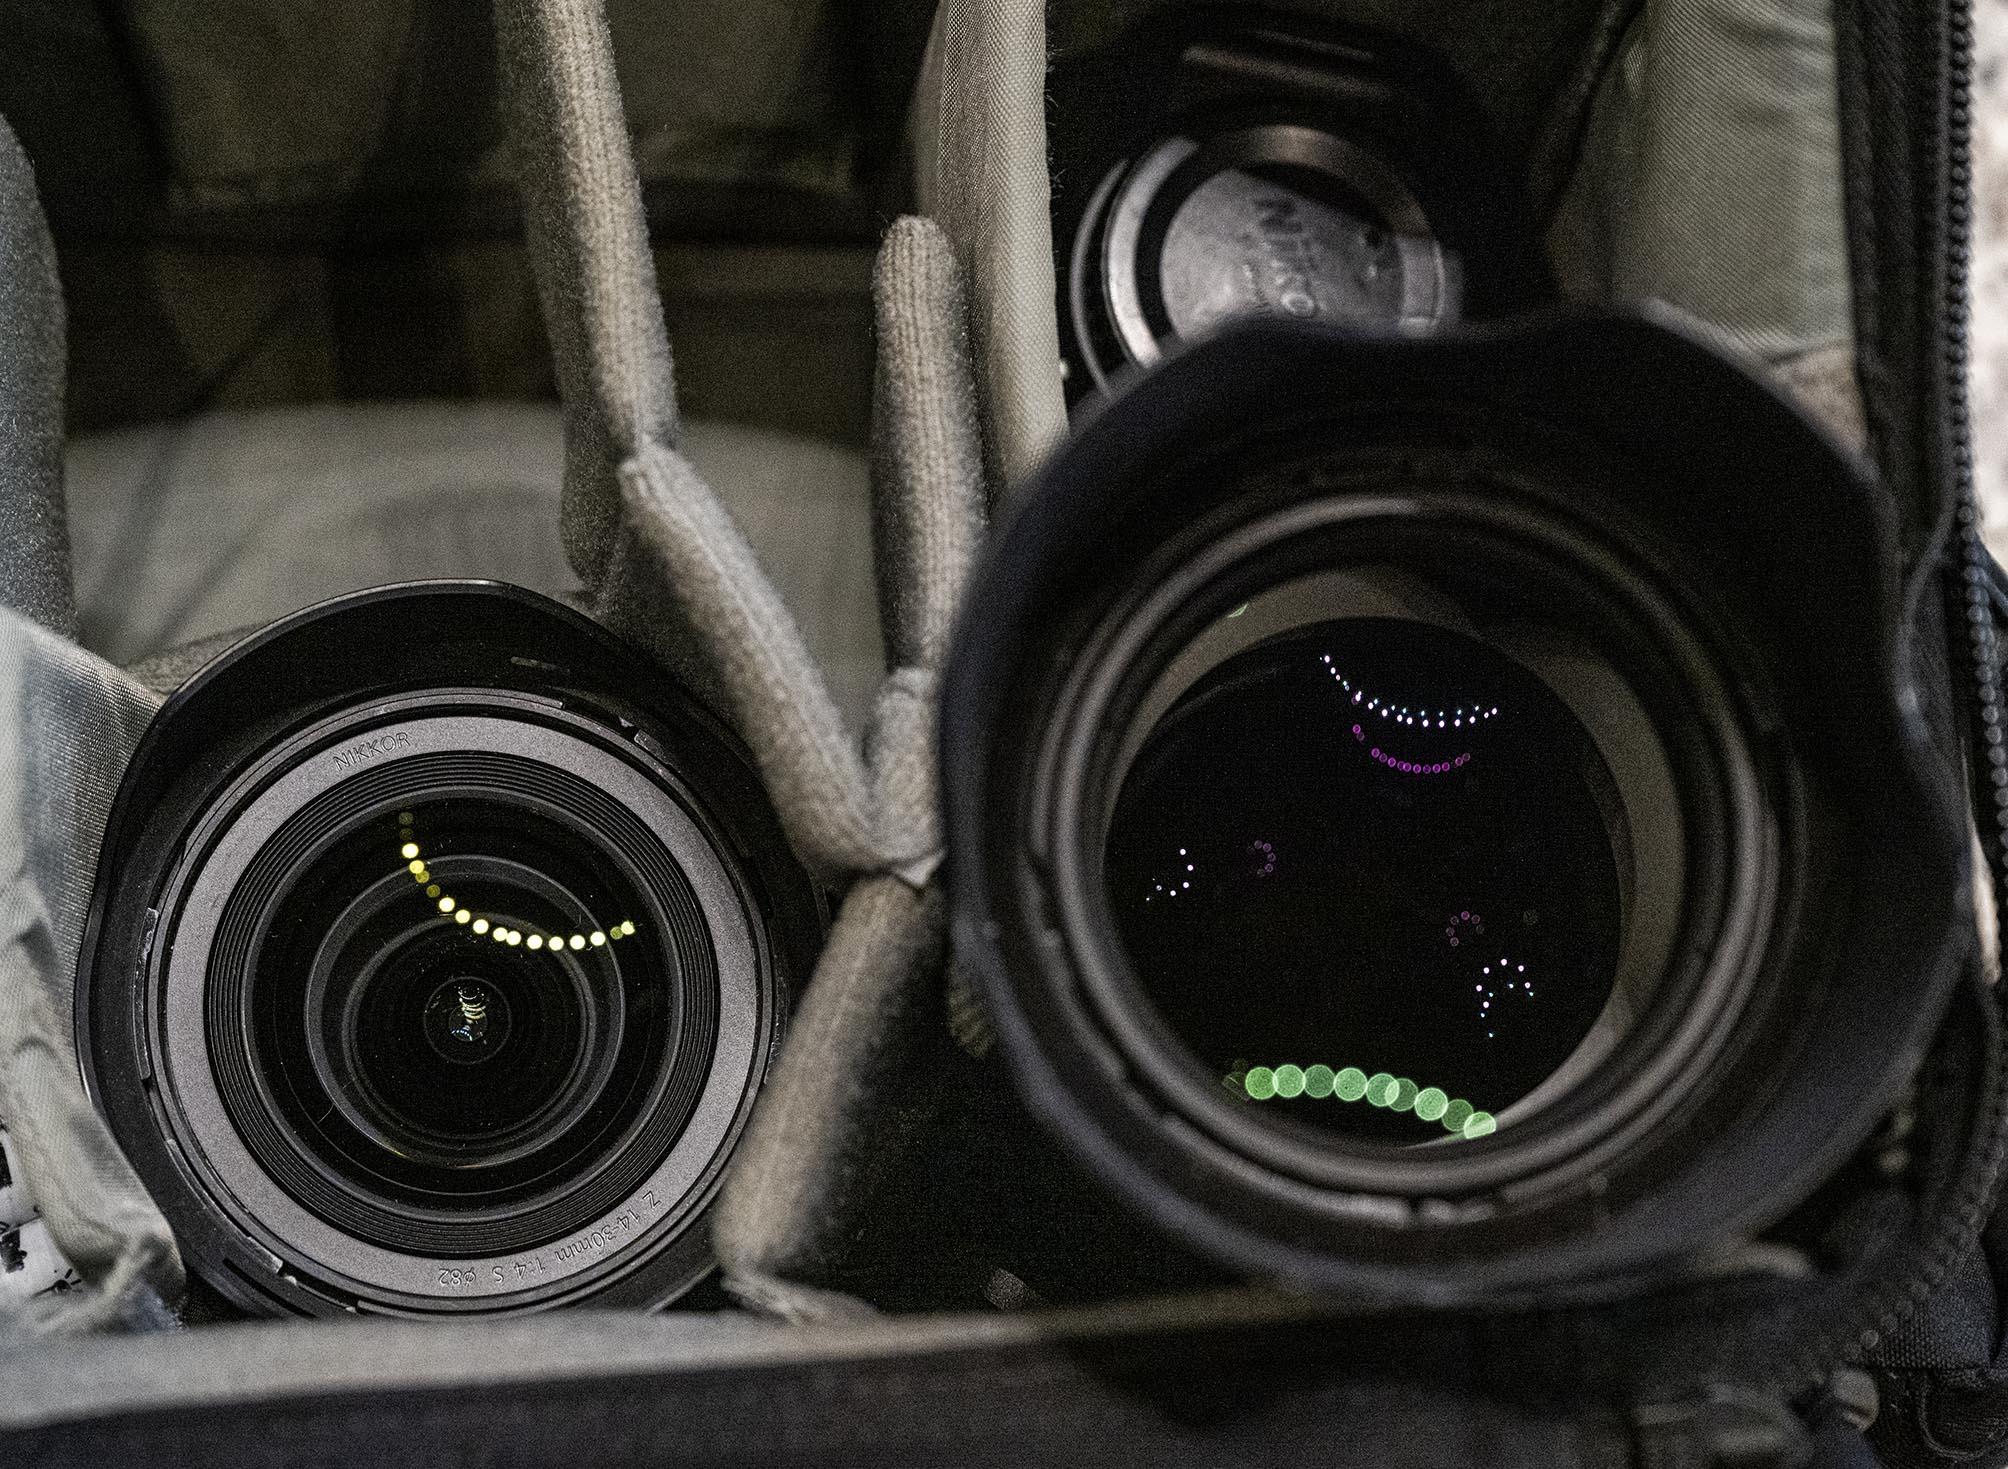 Blick in die fototasche, wo sich in zwei Objektiven Licher spiegeln